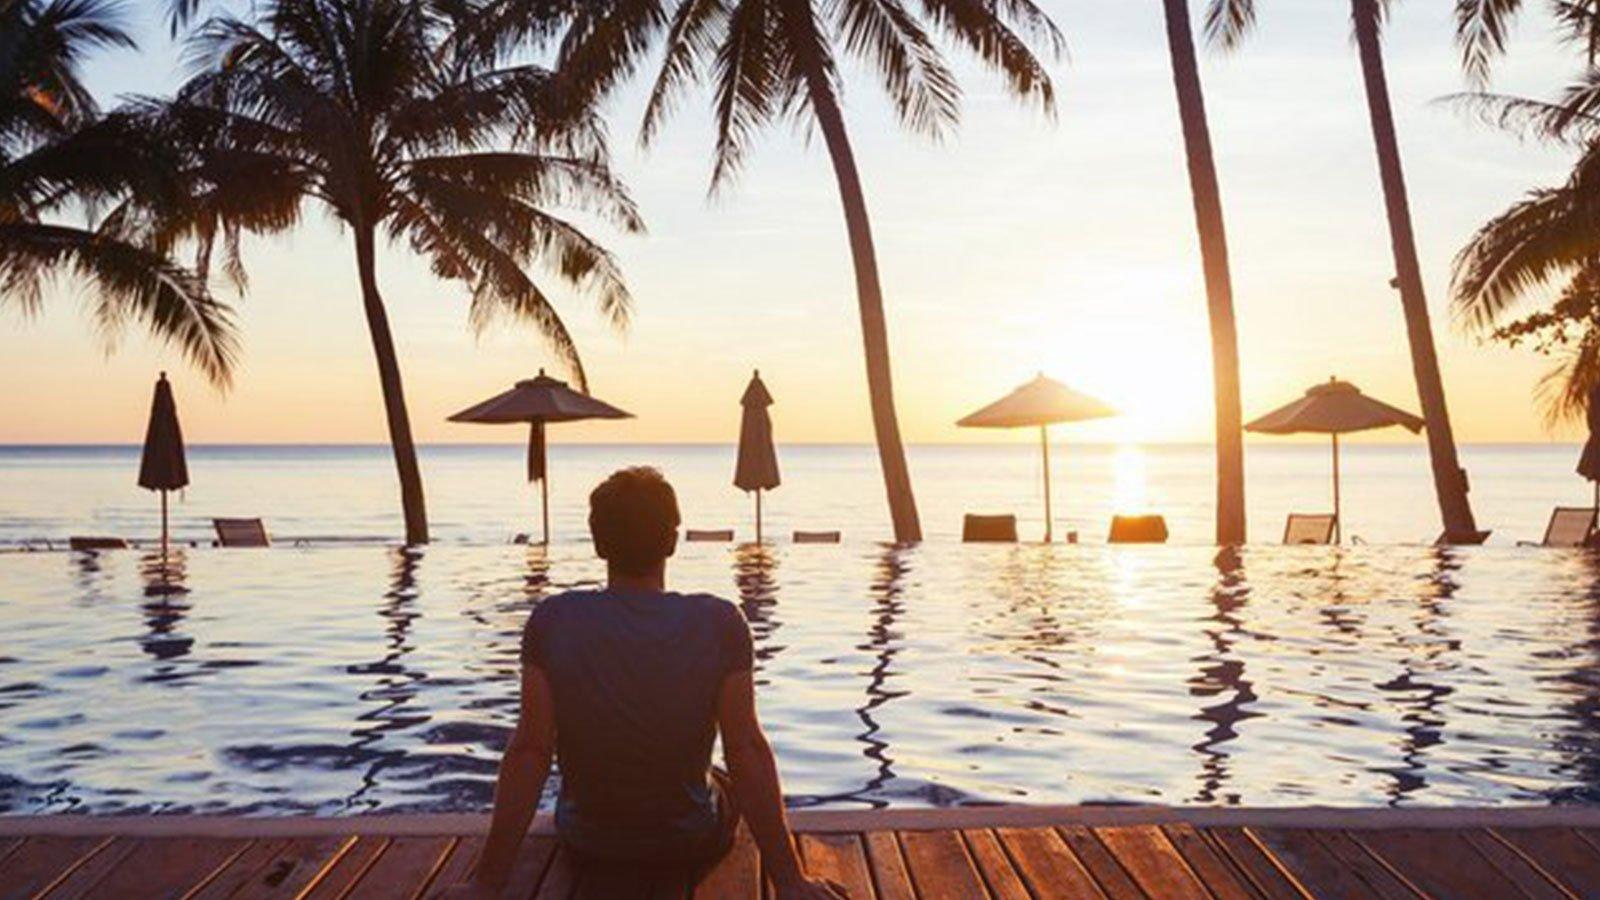 un uomo seduto davanti a una piscina con vista del mare e degli ombrelloni